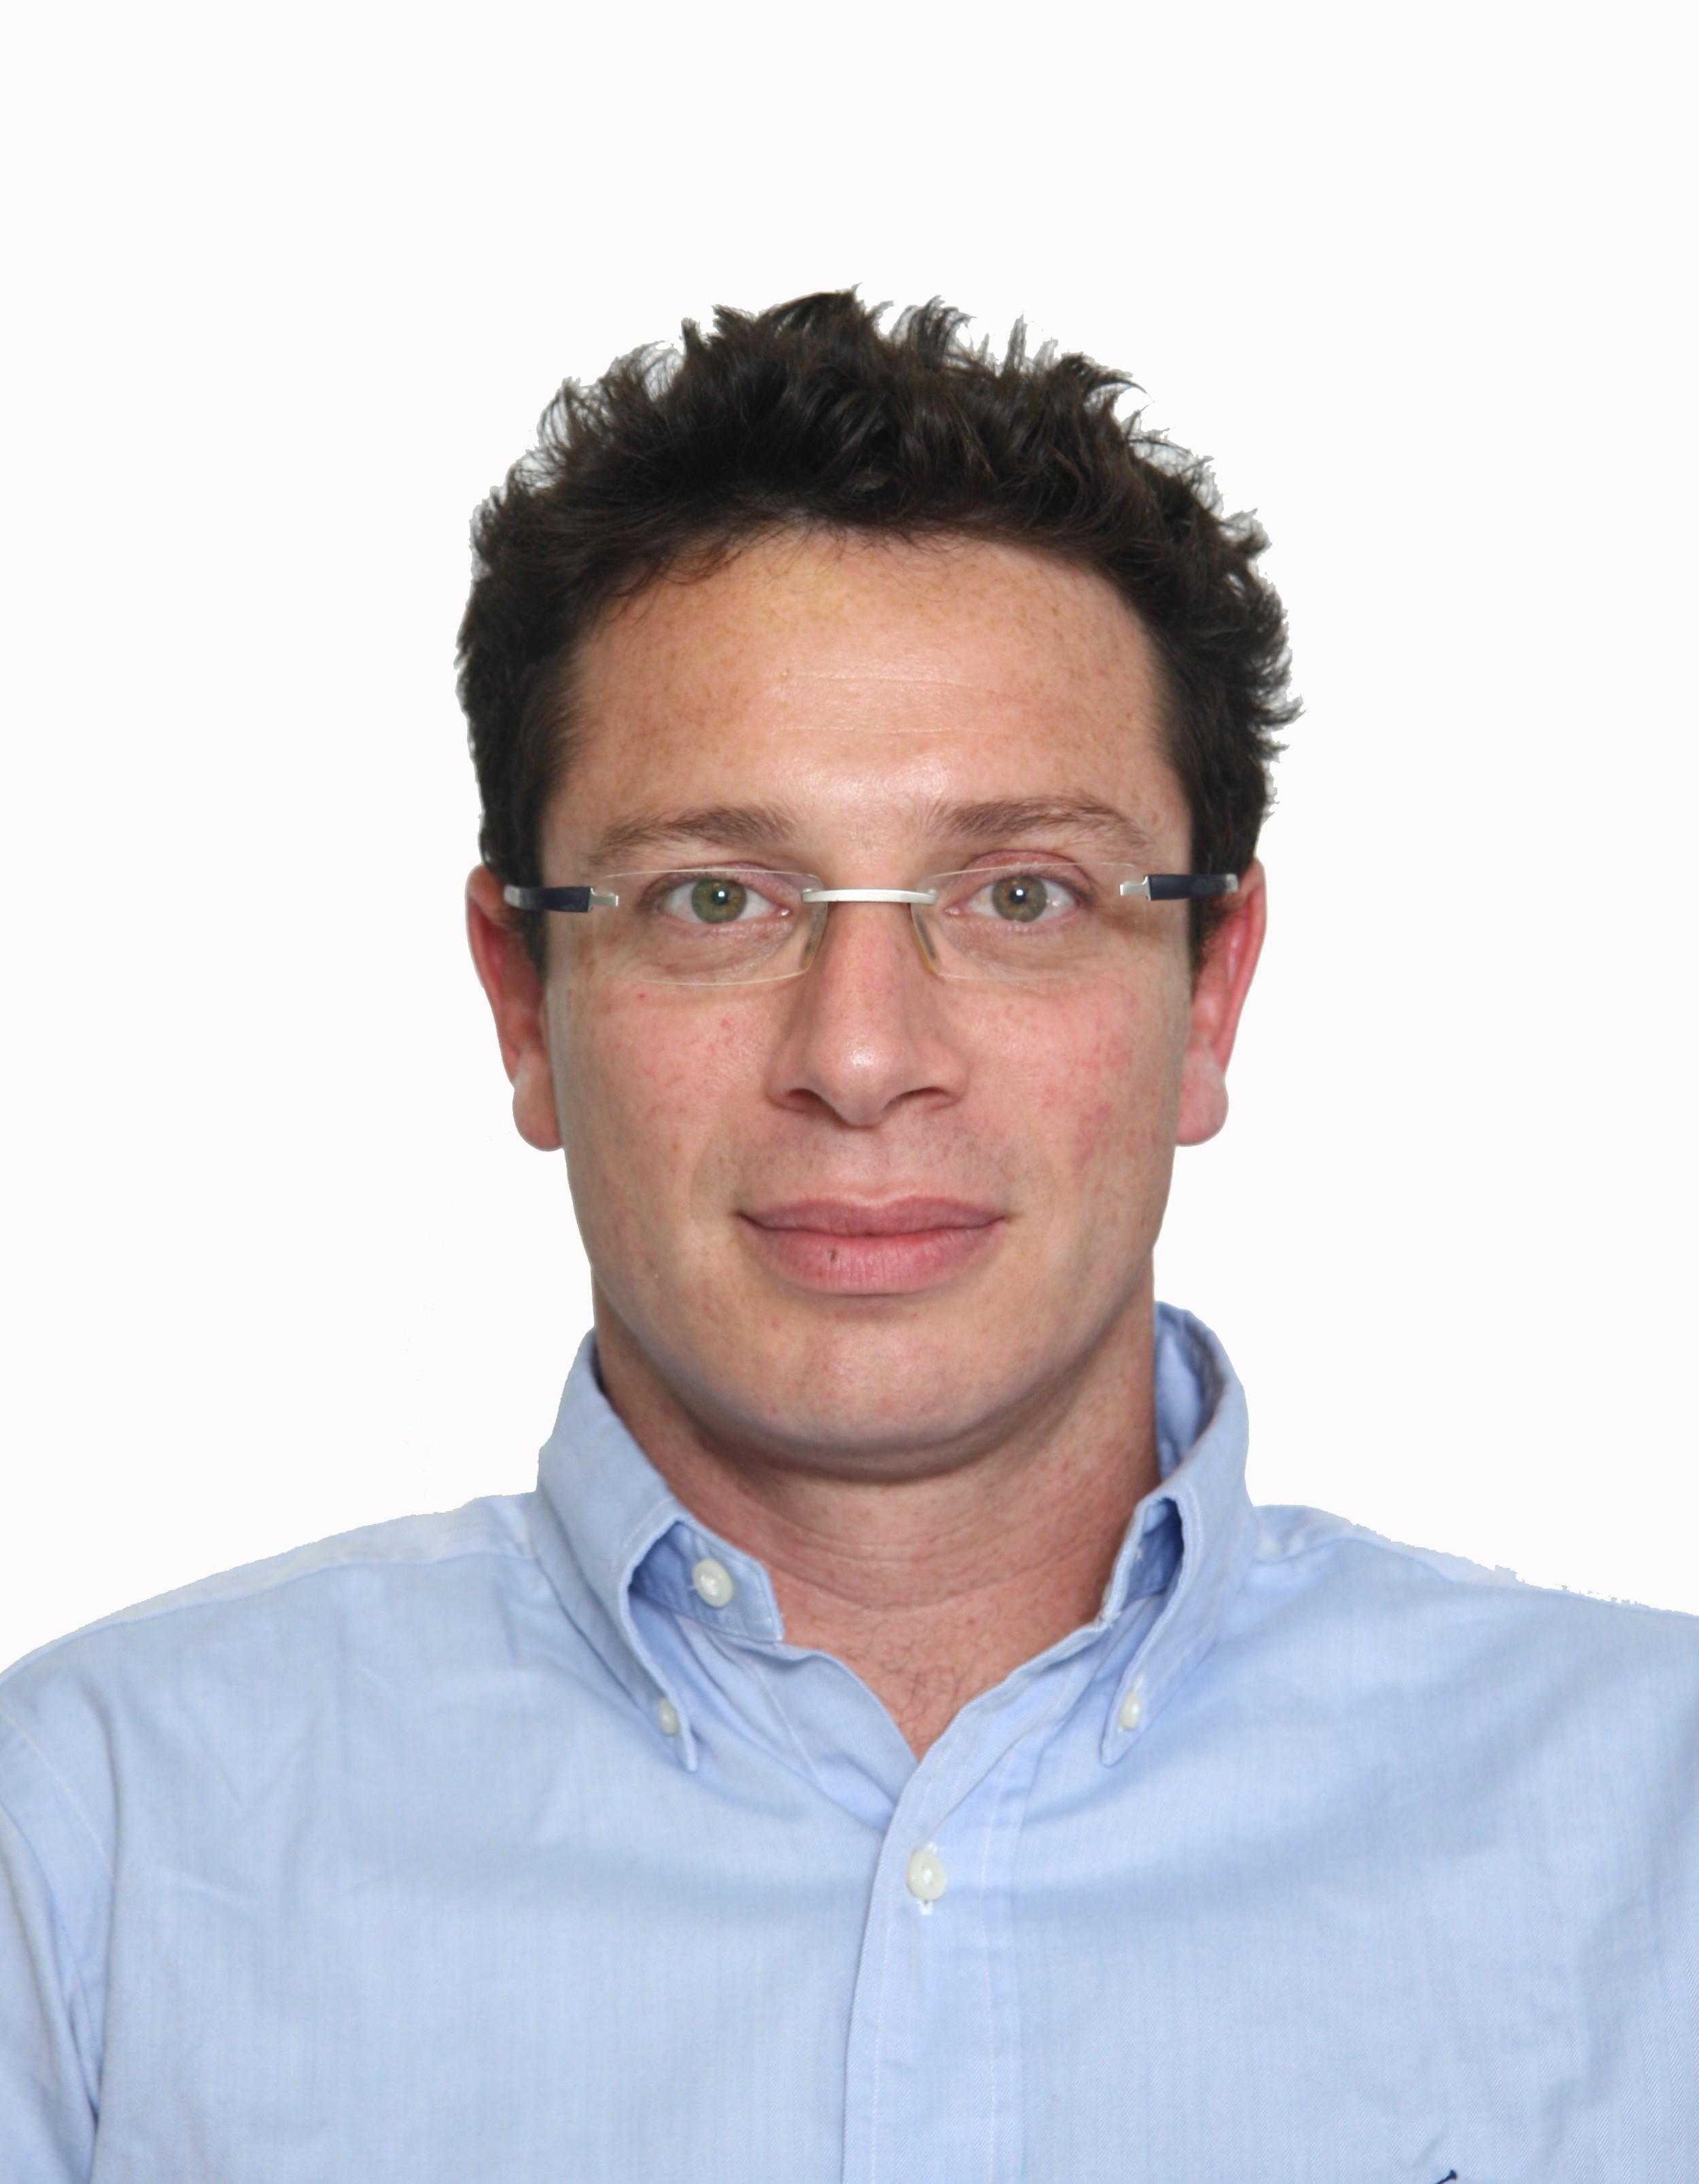 Yaron Barac, MD PhD